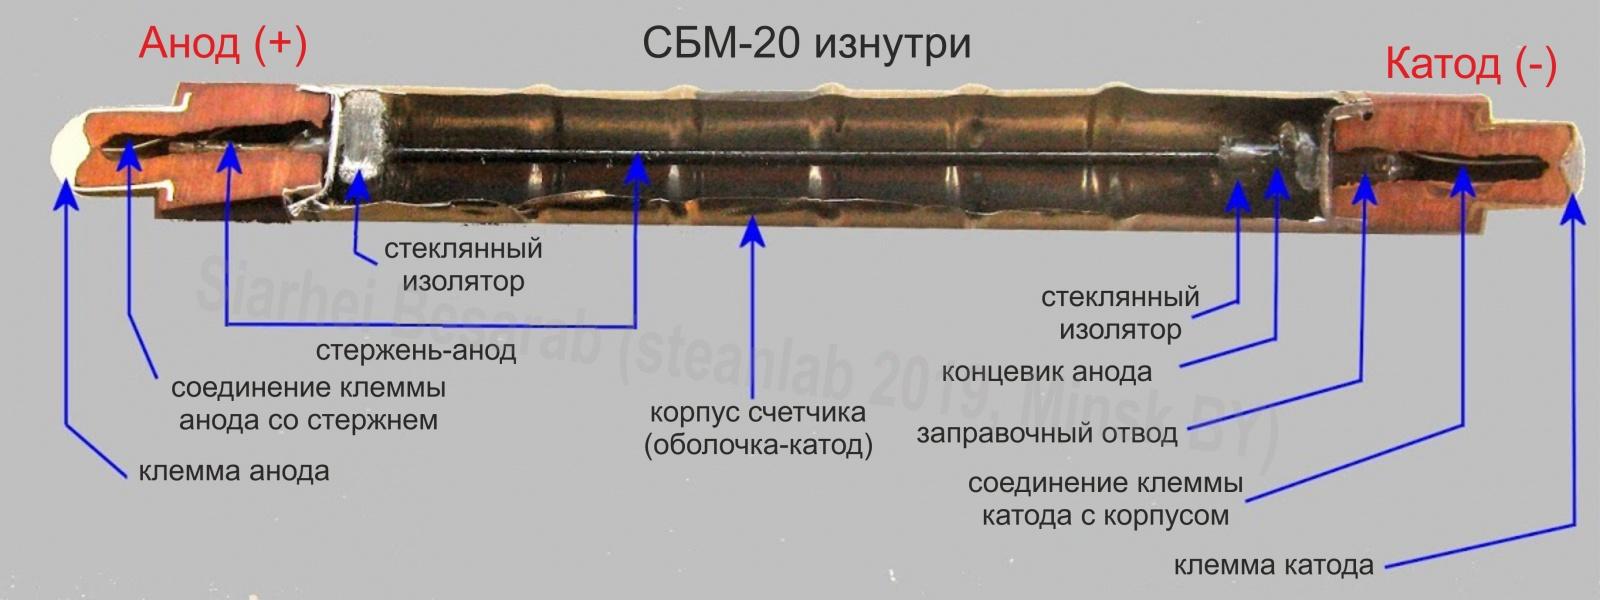 Дозиметр для Серёжи. Часть II. «столетние трубки» vs мирный атом - 4